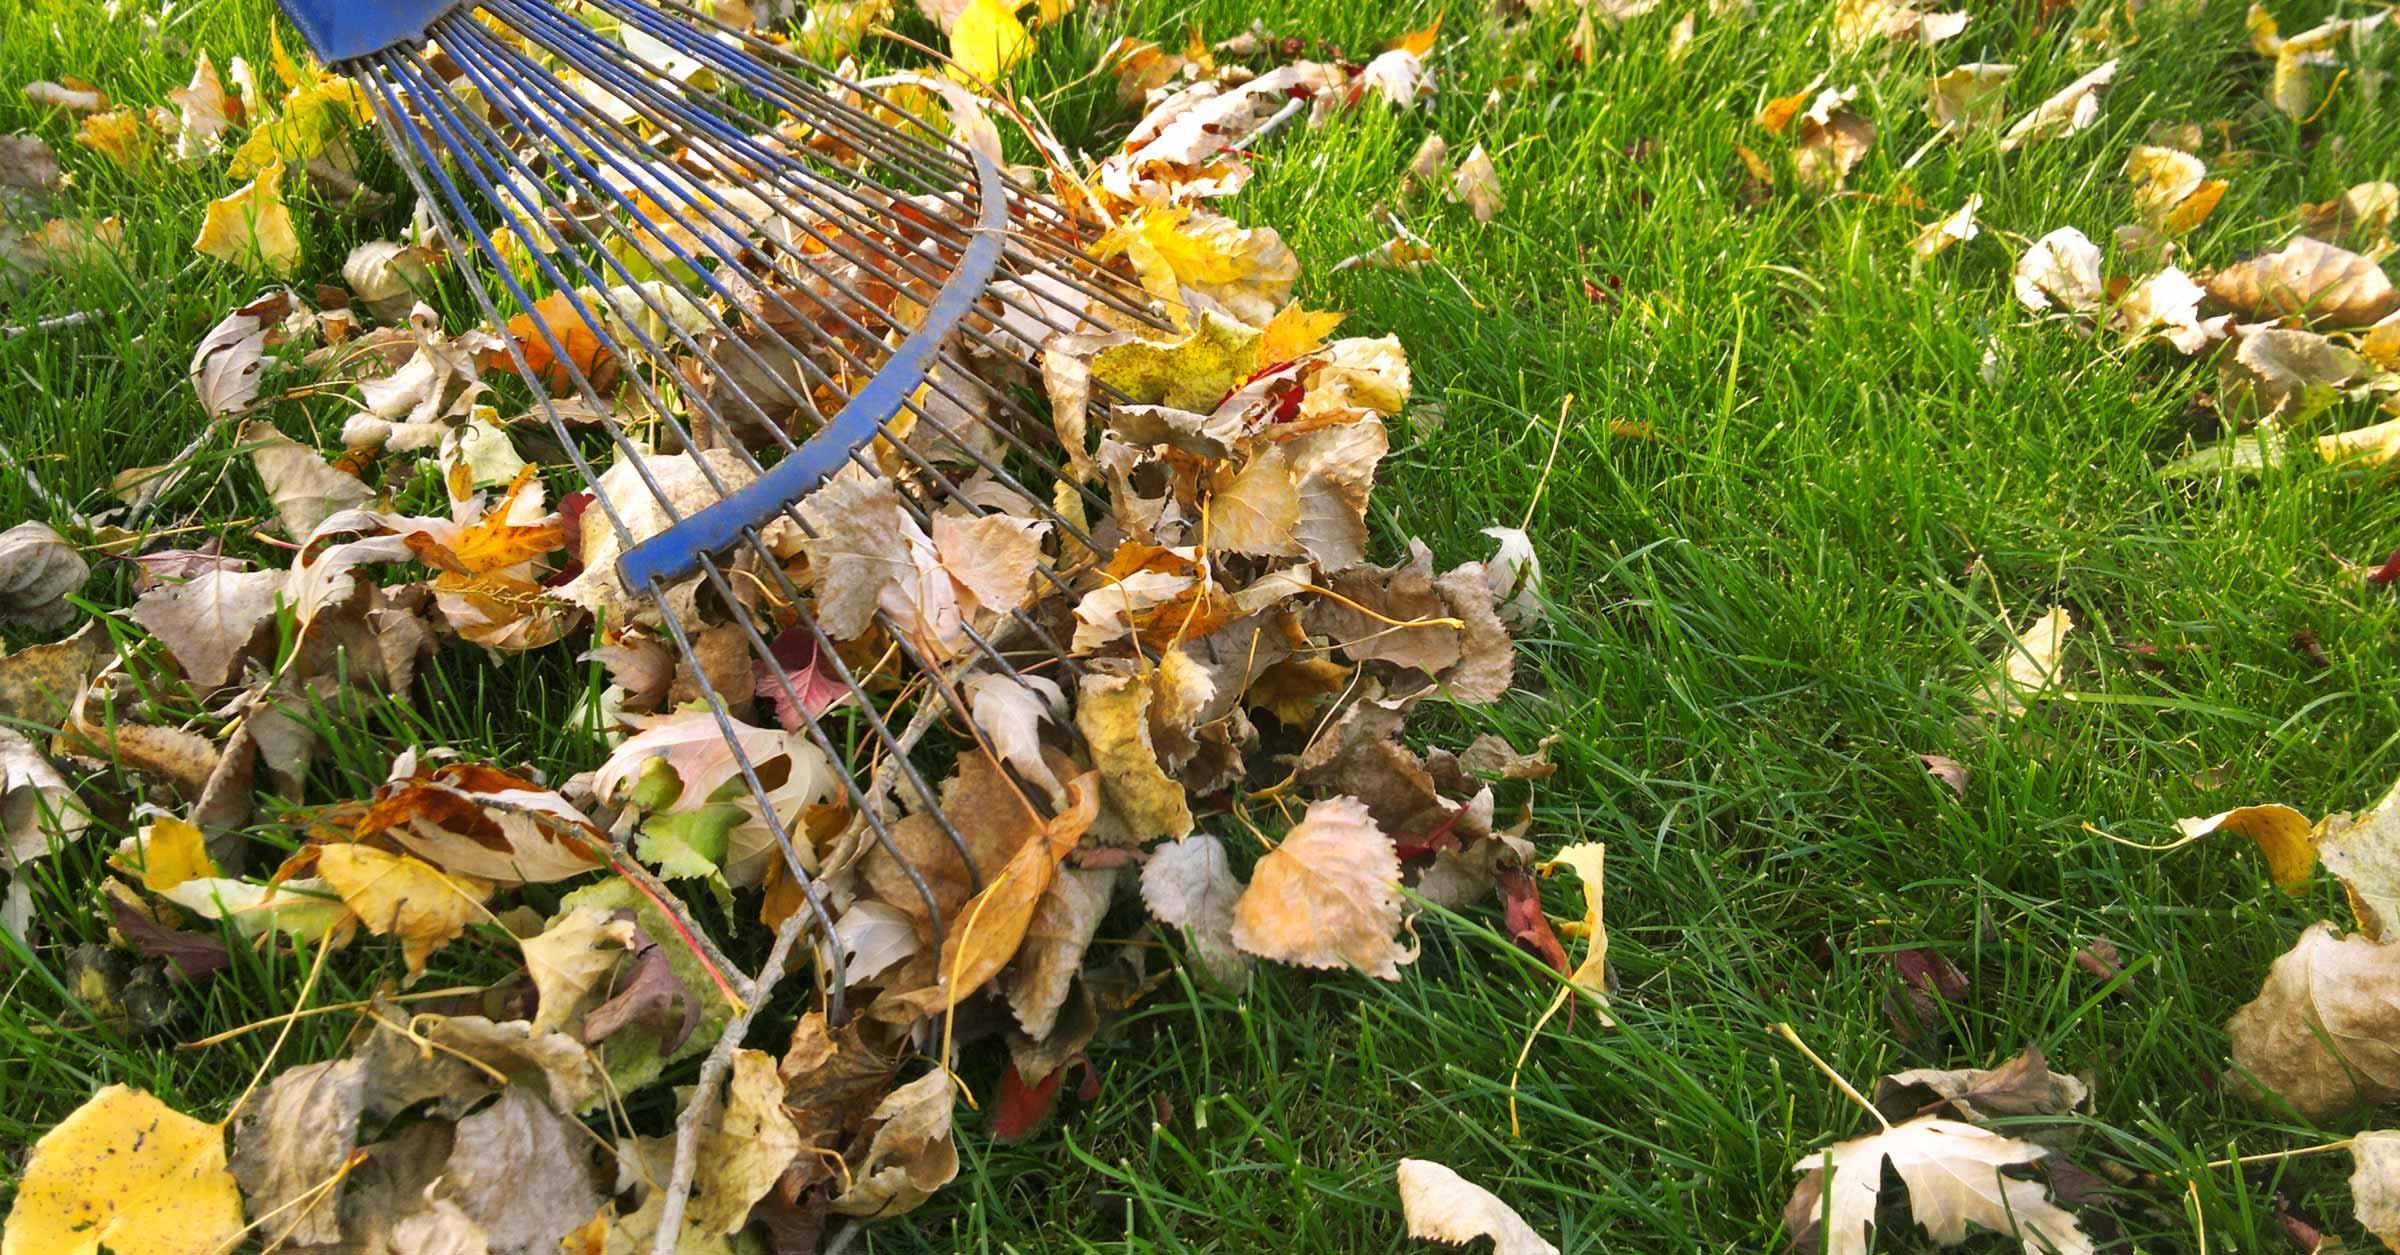 Gartenpflege Laub rechen